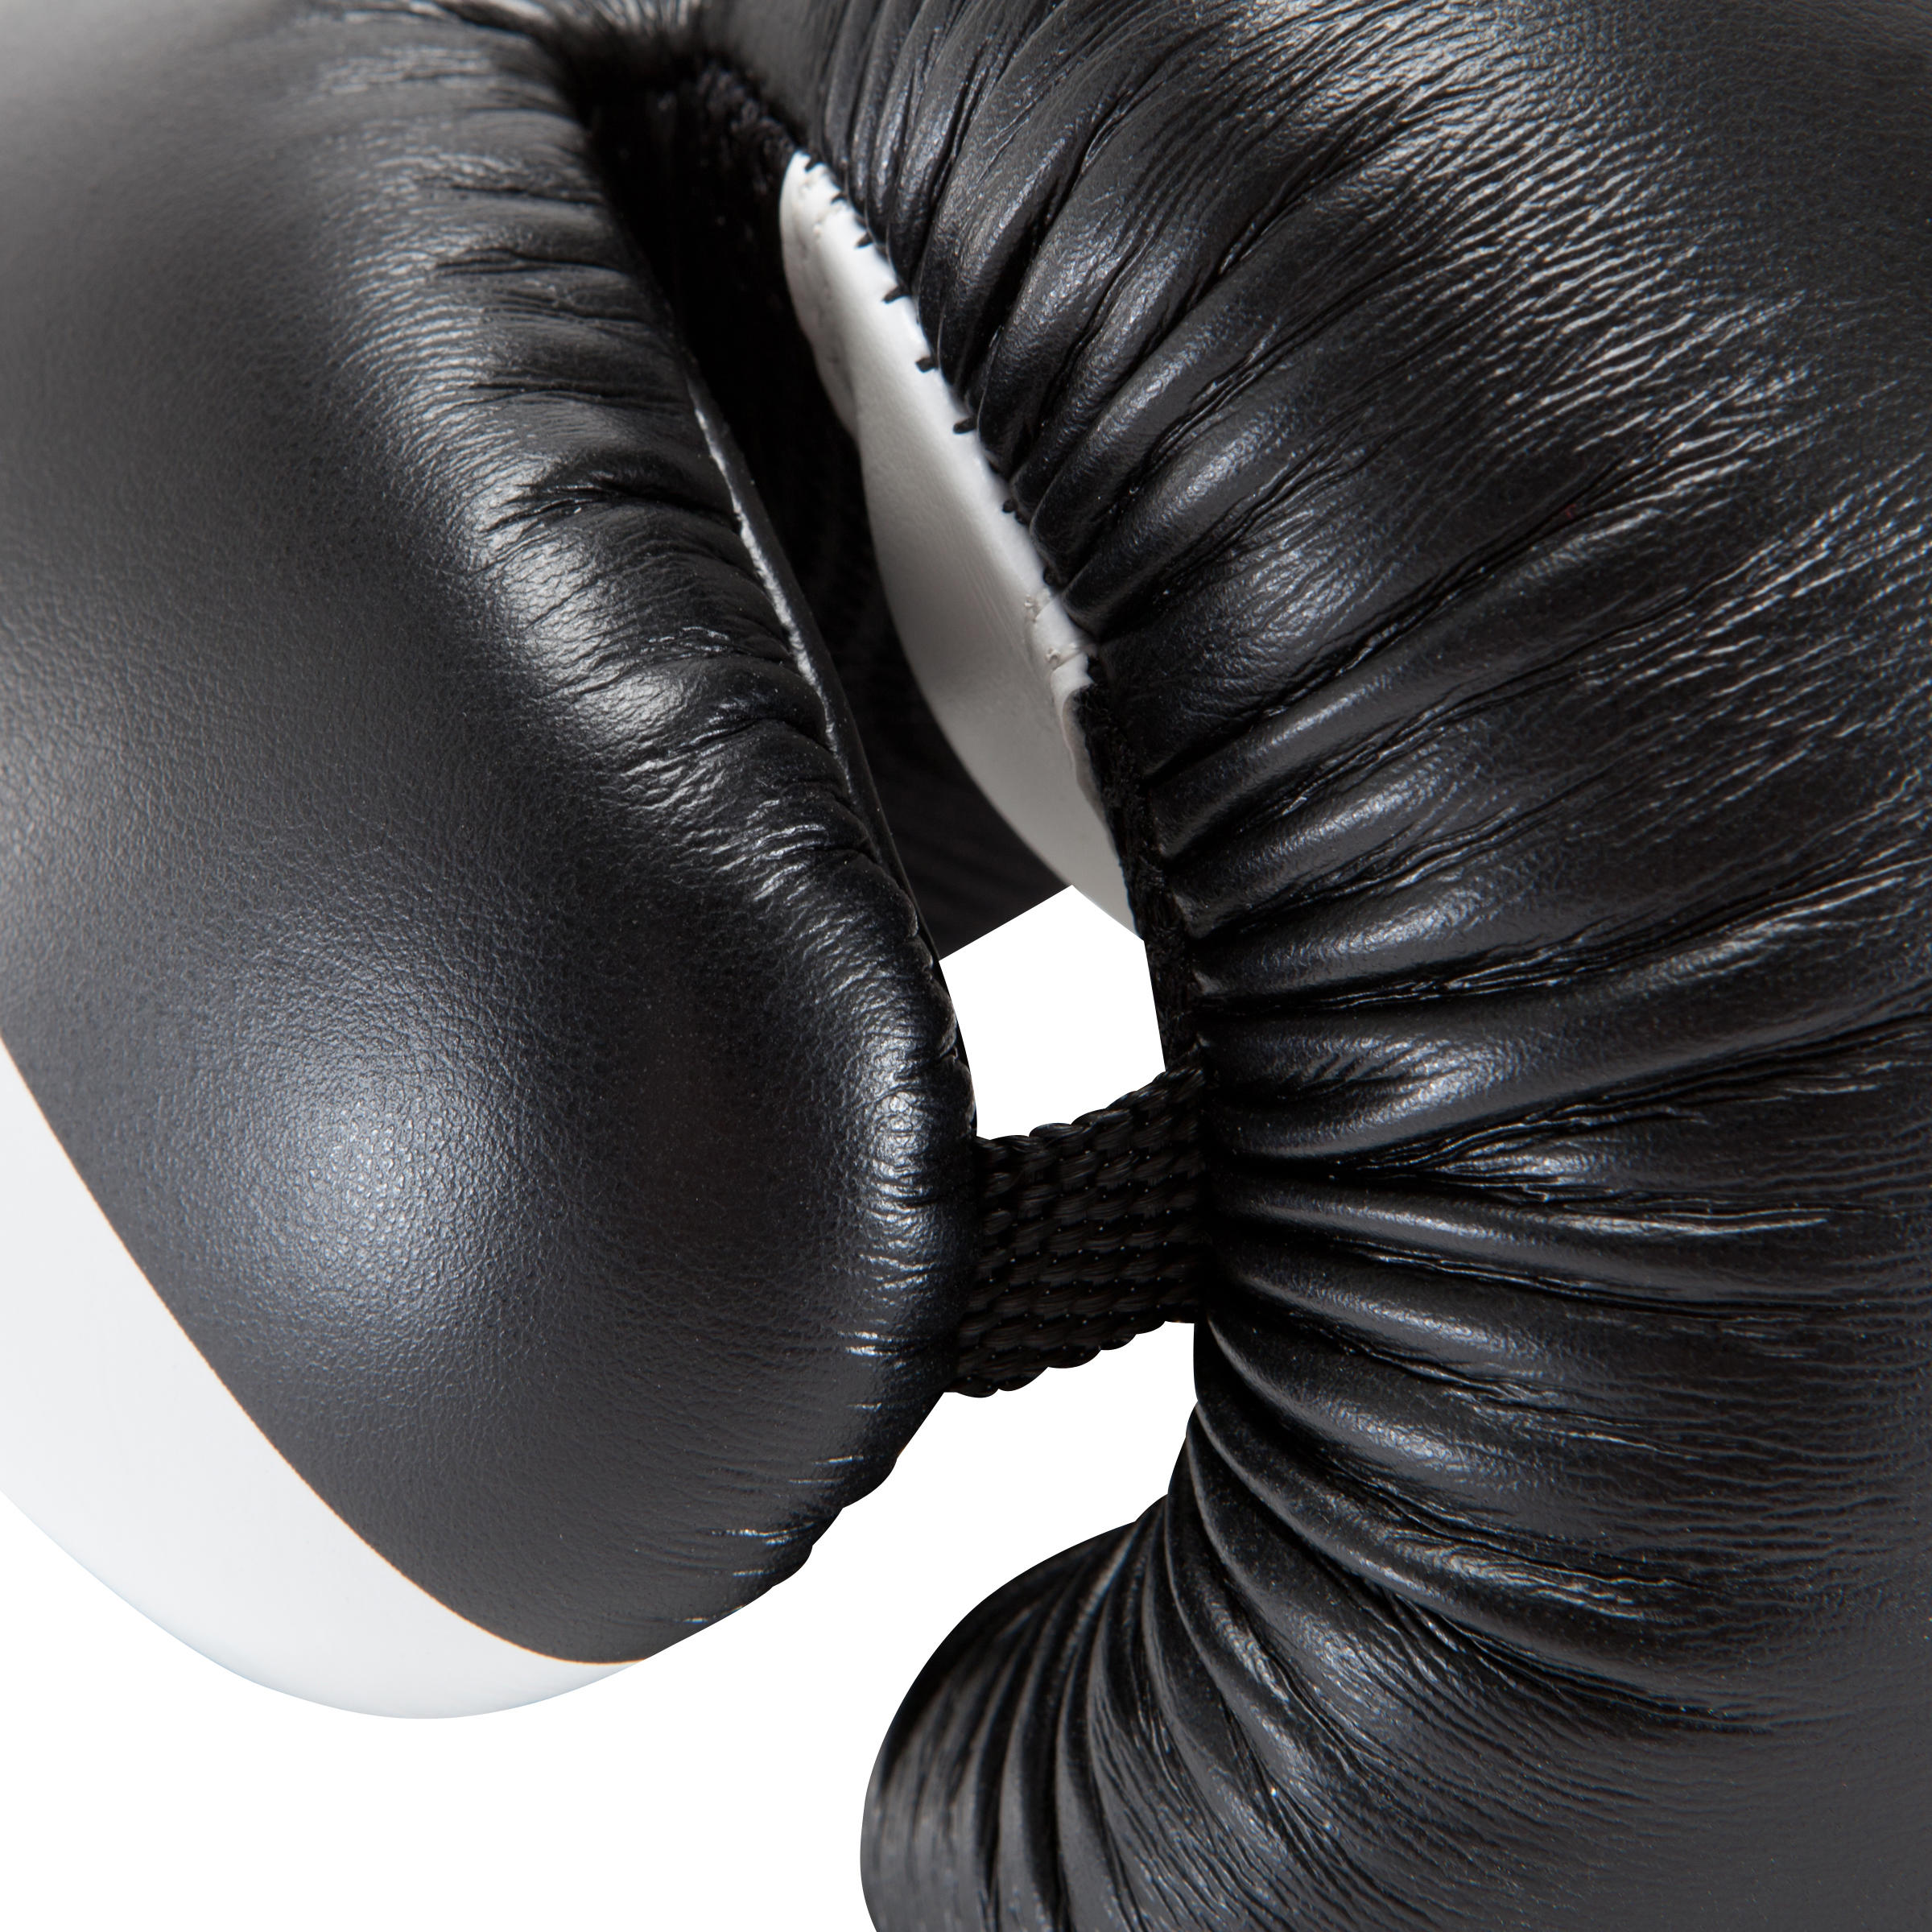 300 Beginner Adult Boxing Training Gloves - Black